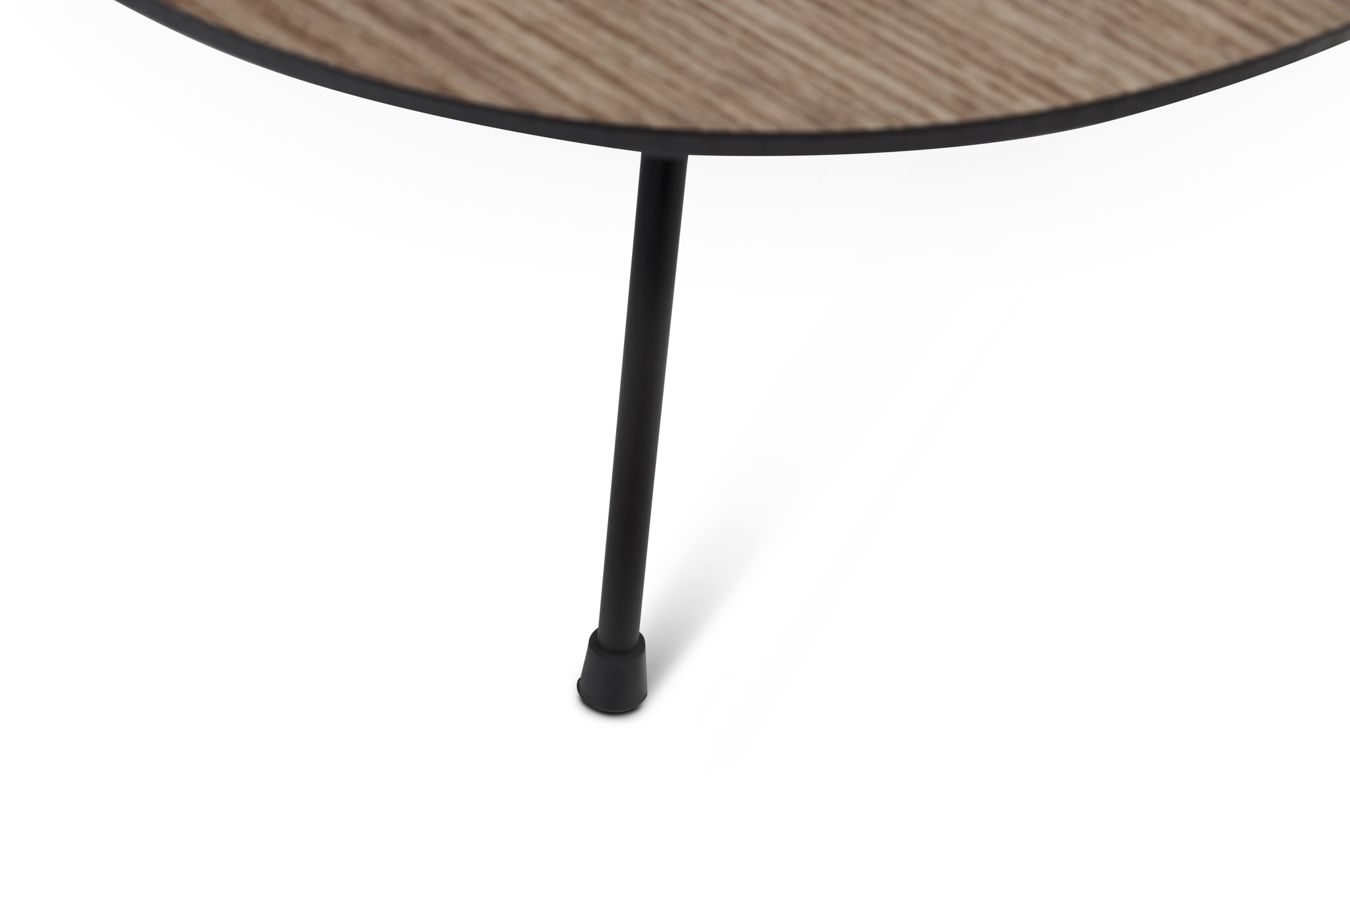 Metalen Onderstel Tafel : Lifa living tafel metalen onderstel lifa living